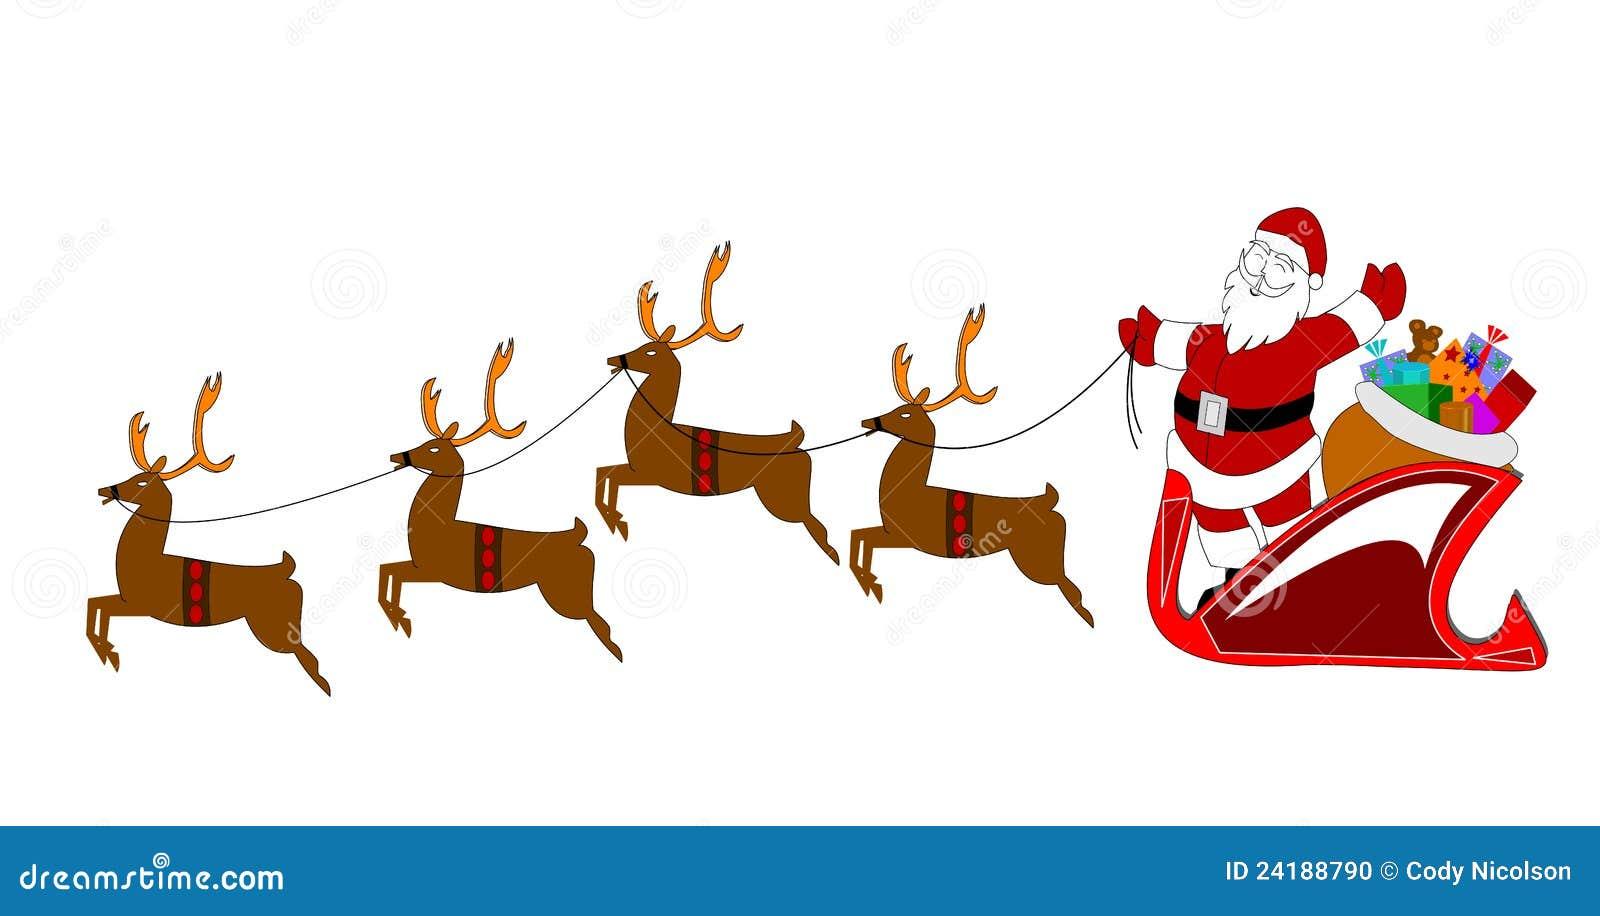 Wonderbaarlijk Kerstman Met Rendier Over Wit Stock Illustratie - Illustratie FN-23